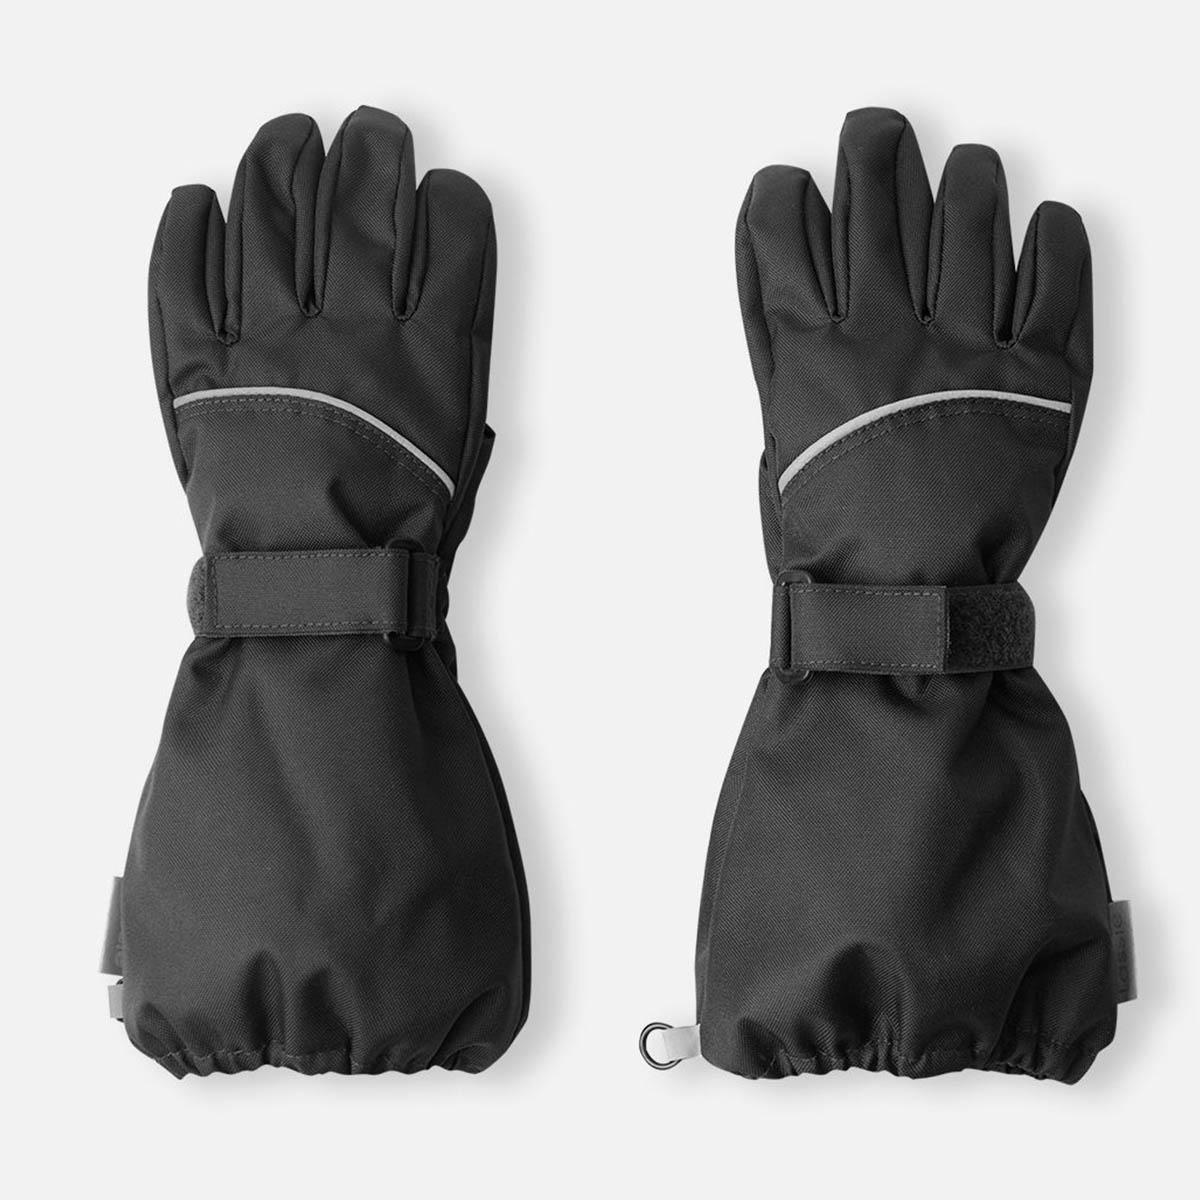 Перчатки Azu Lassie, Размер 6, Цвет 9600-серый графит 727724-9600_6